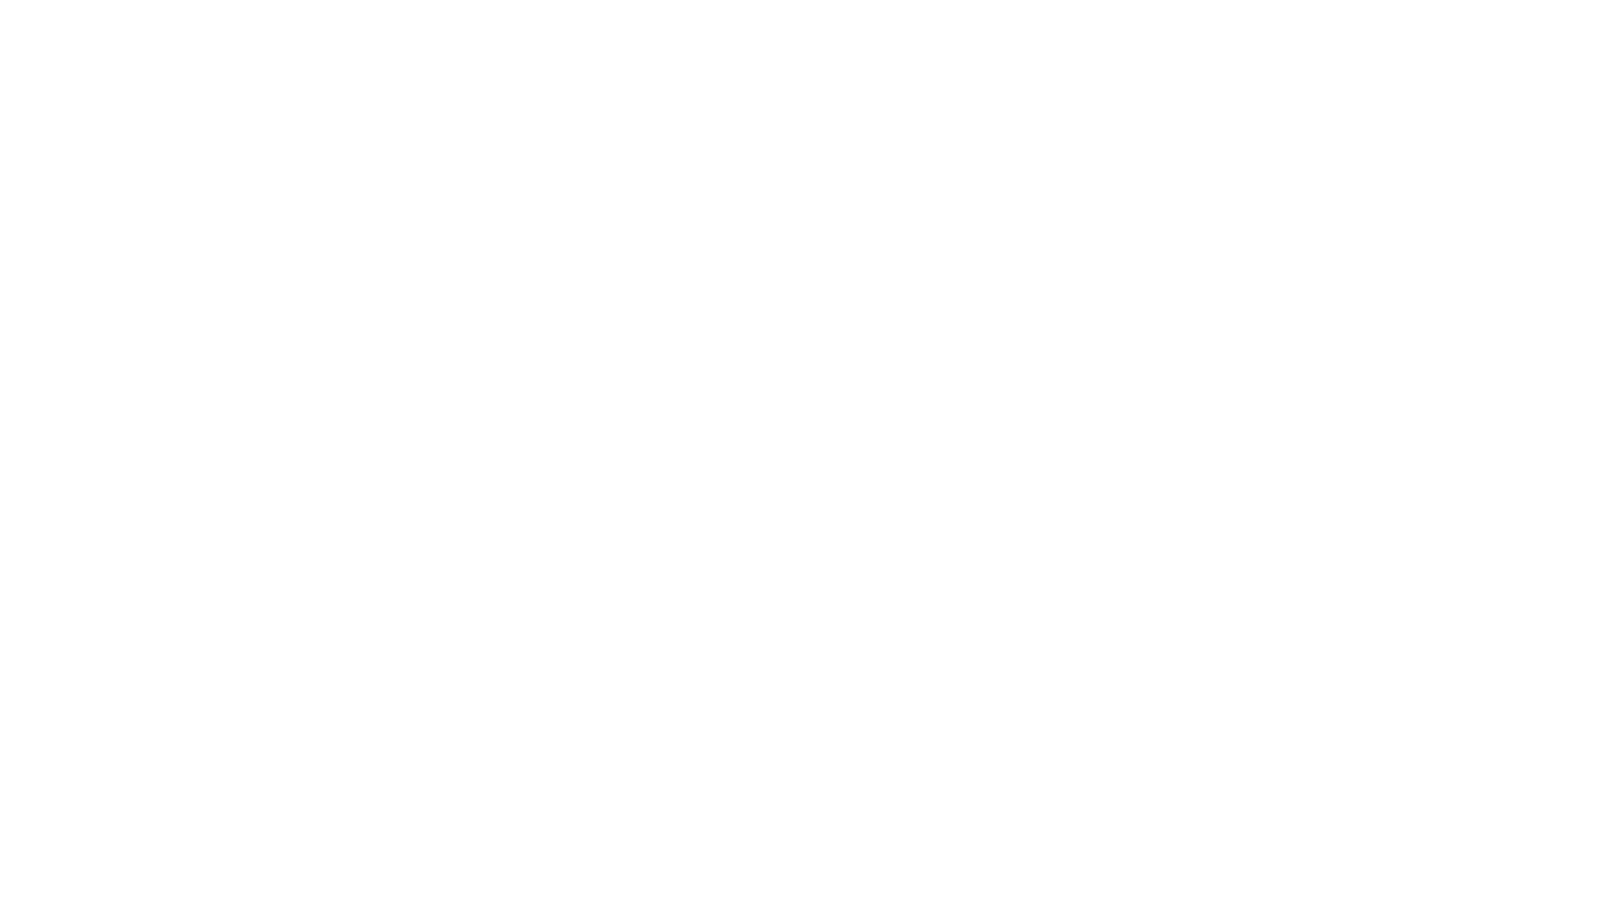 Nesta edição do programa Lei em Campus, os apresentadores Gustavo Goes (USP), Letícia Saldanha (Estácio de Sá – RJ) e Guilherme Sales (Faculdade 2 de Julho) receberam o advogado Marcelo Jucá, sócio do escritório Jucá, Bevilacqua e Lira Advogados Associados e ex-Presidente do Tribunal de Justiça Desportiva do Rio de Janeiro. O programa, que também contou com a participação da acadêmica Helena Meirelles, representante do Grupo de Estudos em Direito Desportivo da PUC de São Paulo, teve como pano de fundo o funcionamento do Superior Tribunal de Justiça Desportiva do Futebol. Procedimentos, erro de fato, erro de direito e impugnação de partida foram apenas alguns dos temas abordados! Aproveitem! #direitodesportivo #direitoesportivo #leiemcampo